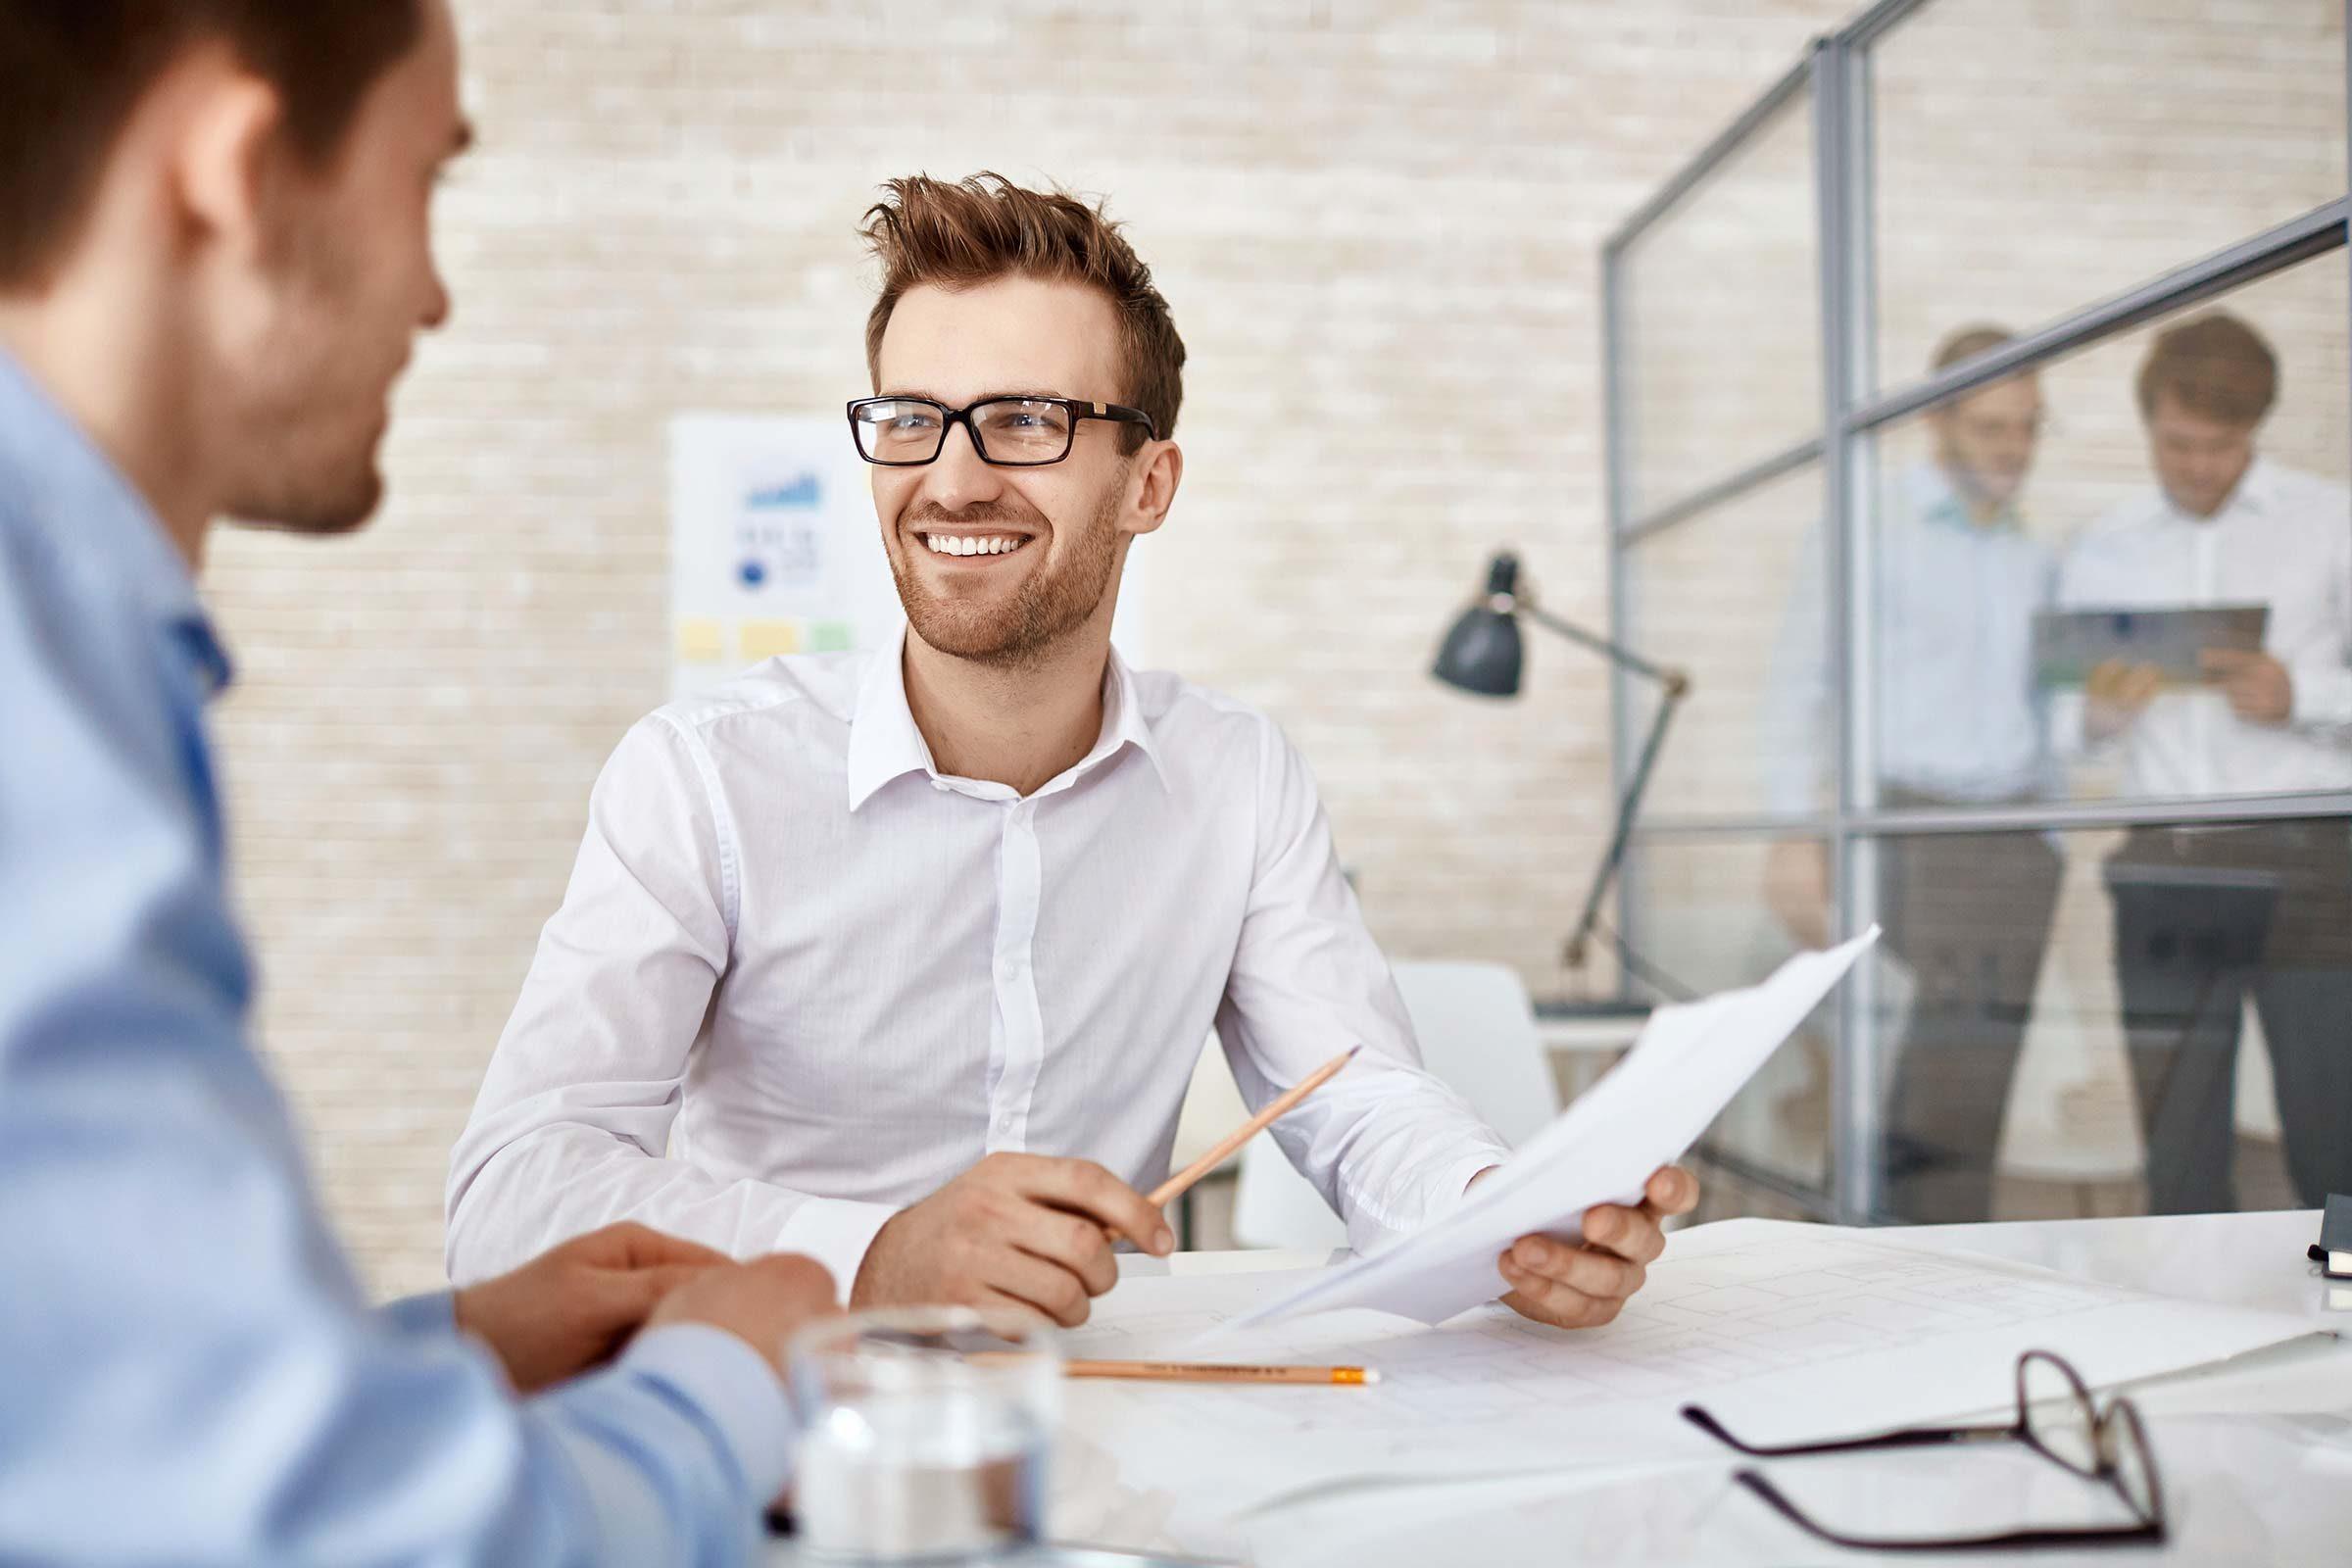 questions you should ask at a job interview